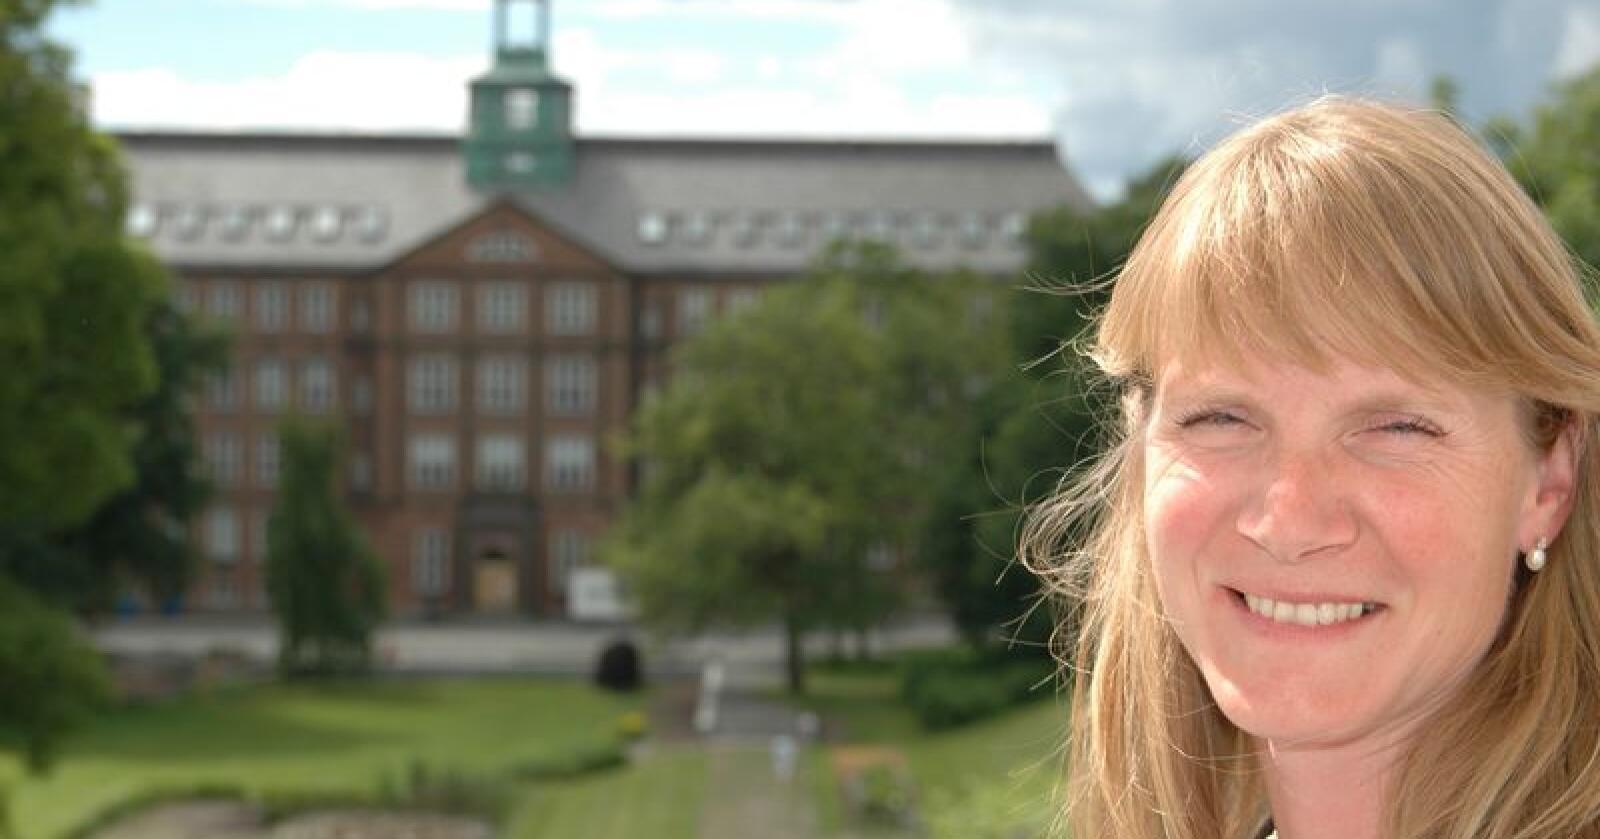 Mari Sundli Tveit har vært rektor ved Norges miljø- og biovitenskapelige universitet (NMBU) fra 1. januar 2014. (Arkivfoto)